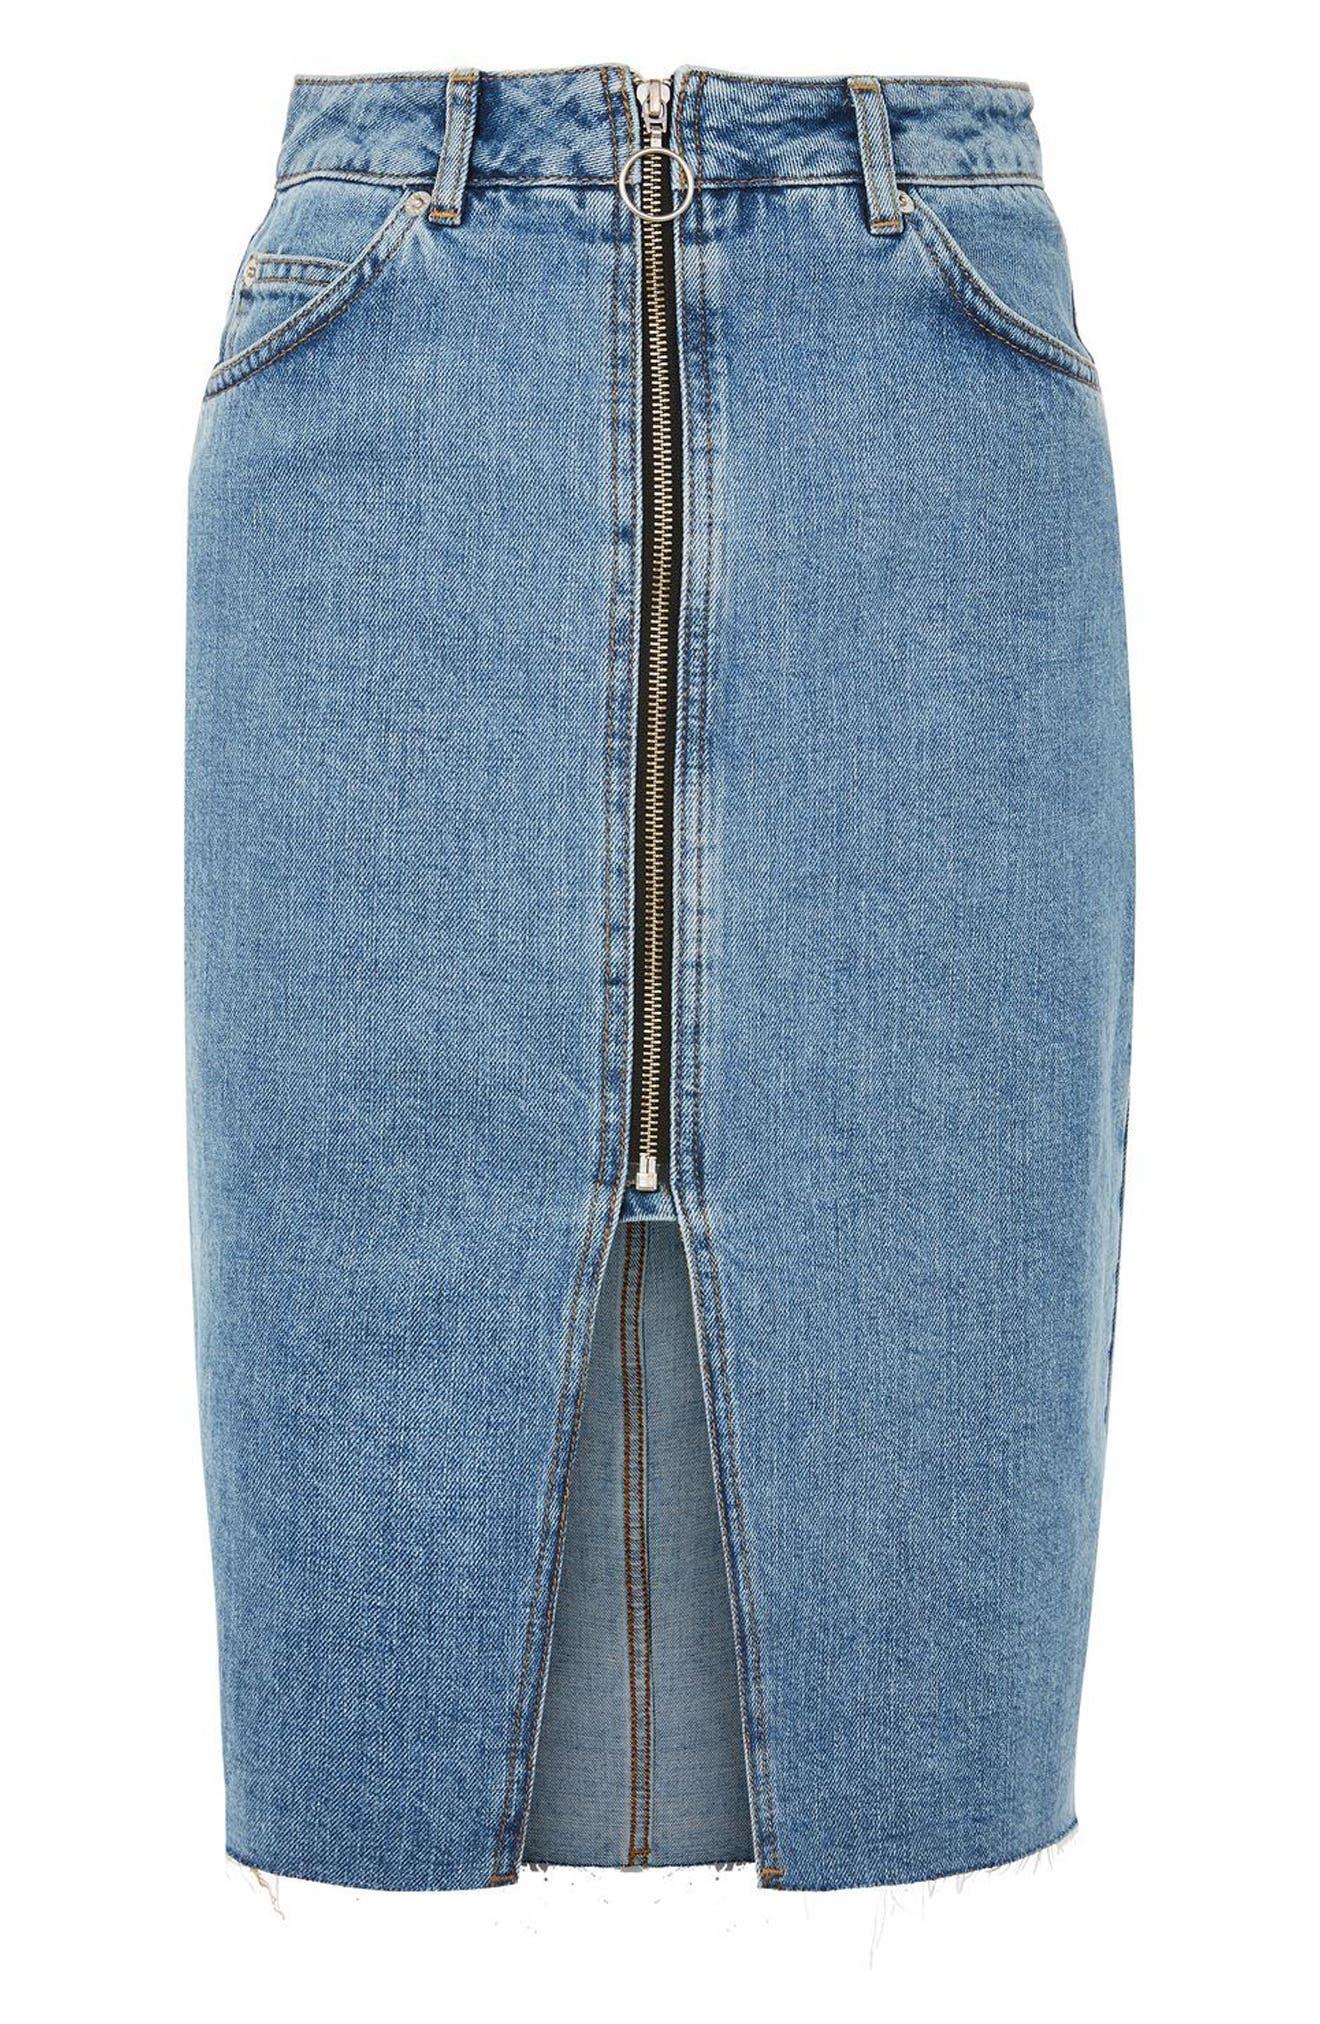 Zip Denim Skirt,                             Alternate thumbnail 3, color,                             400